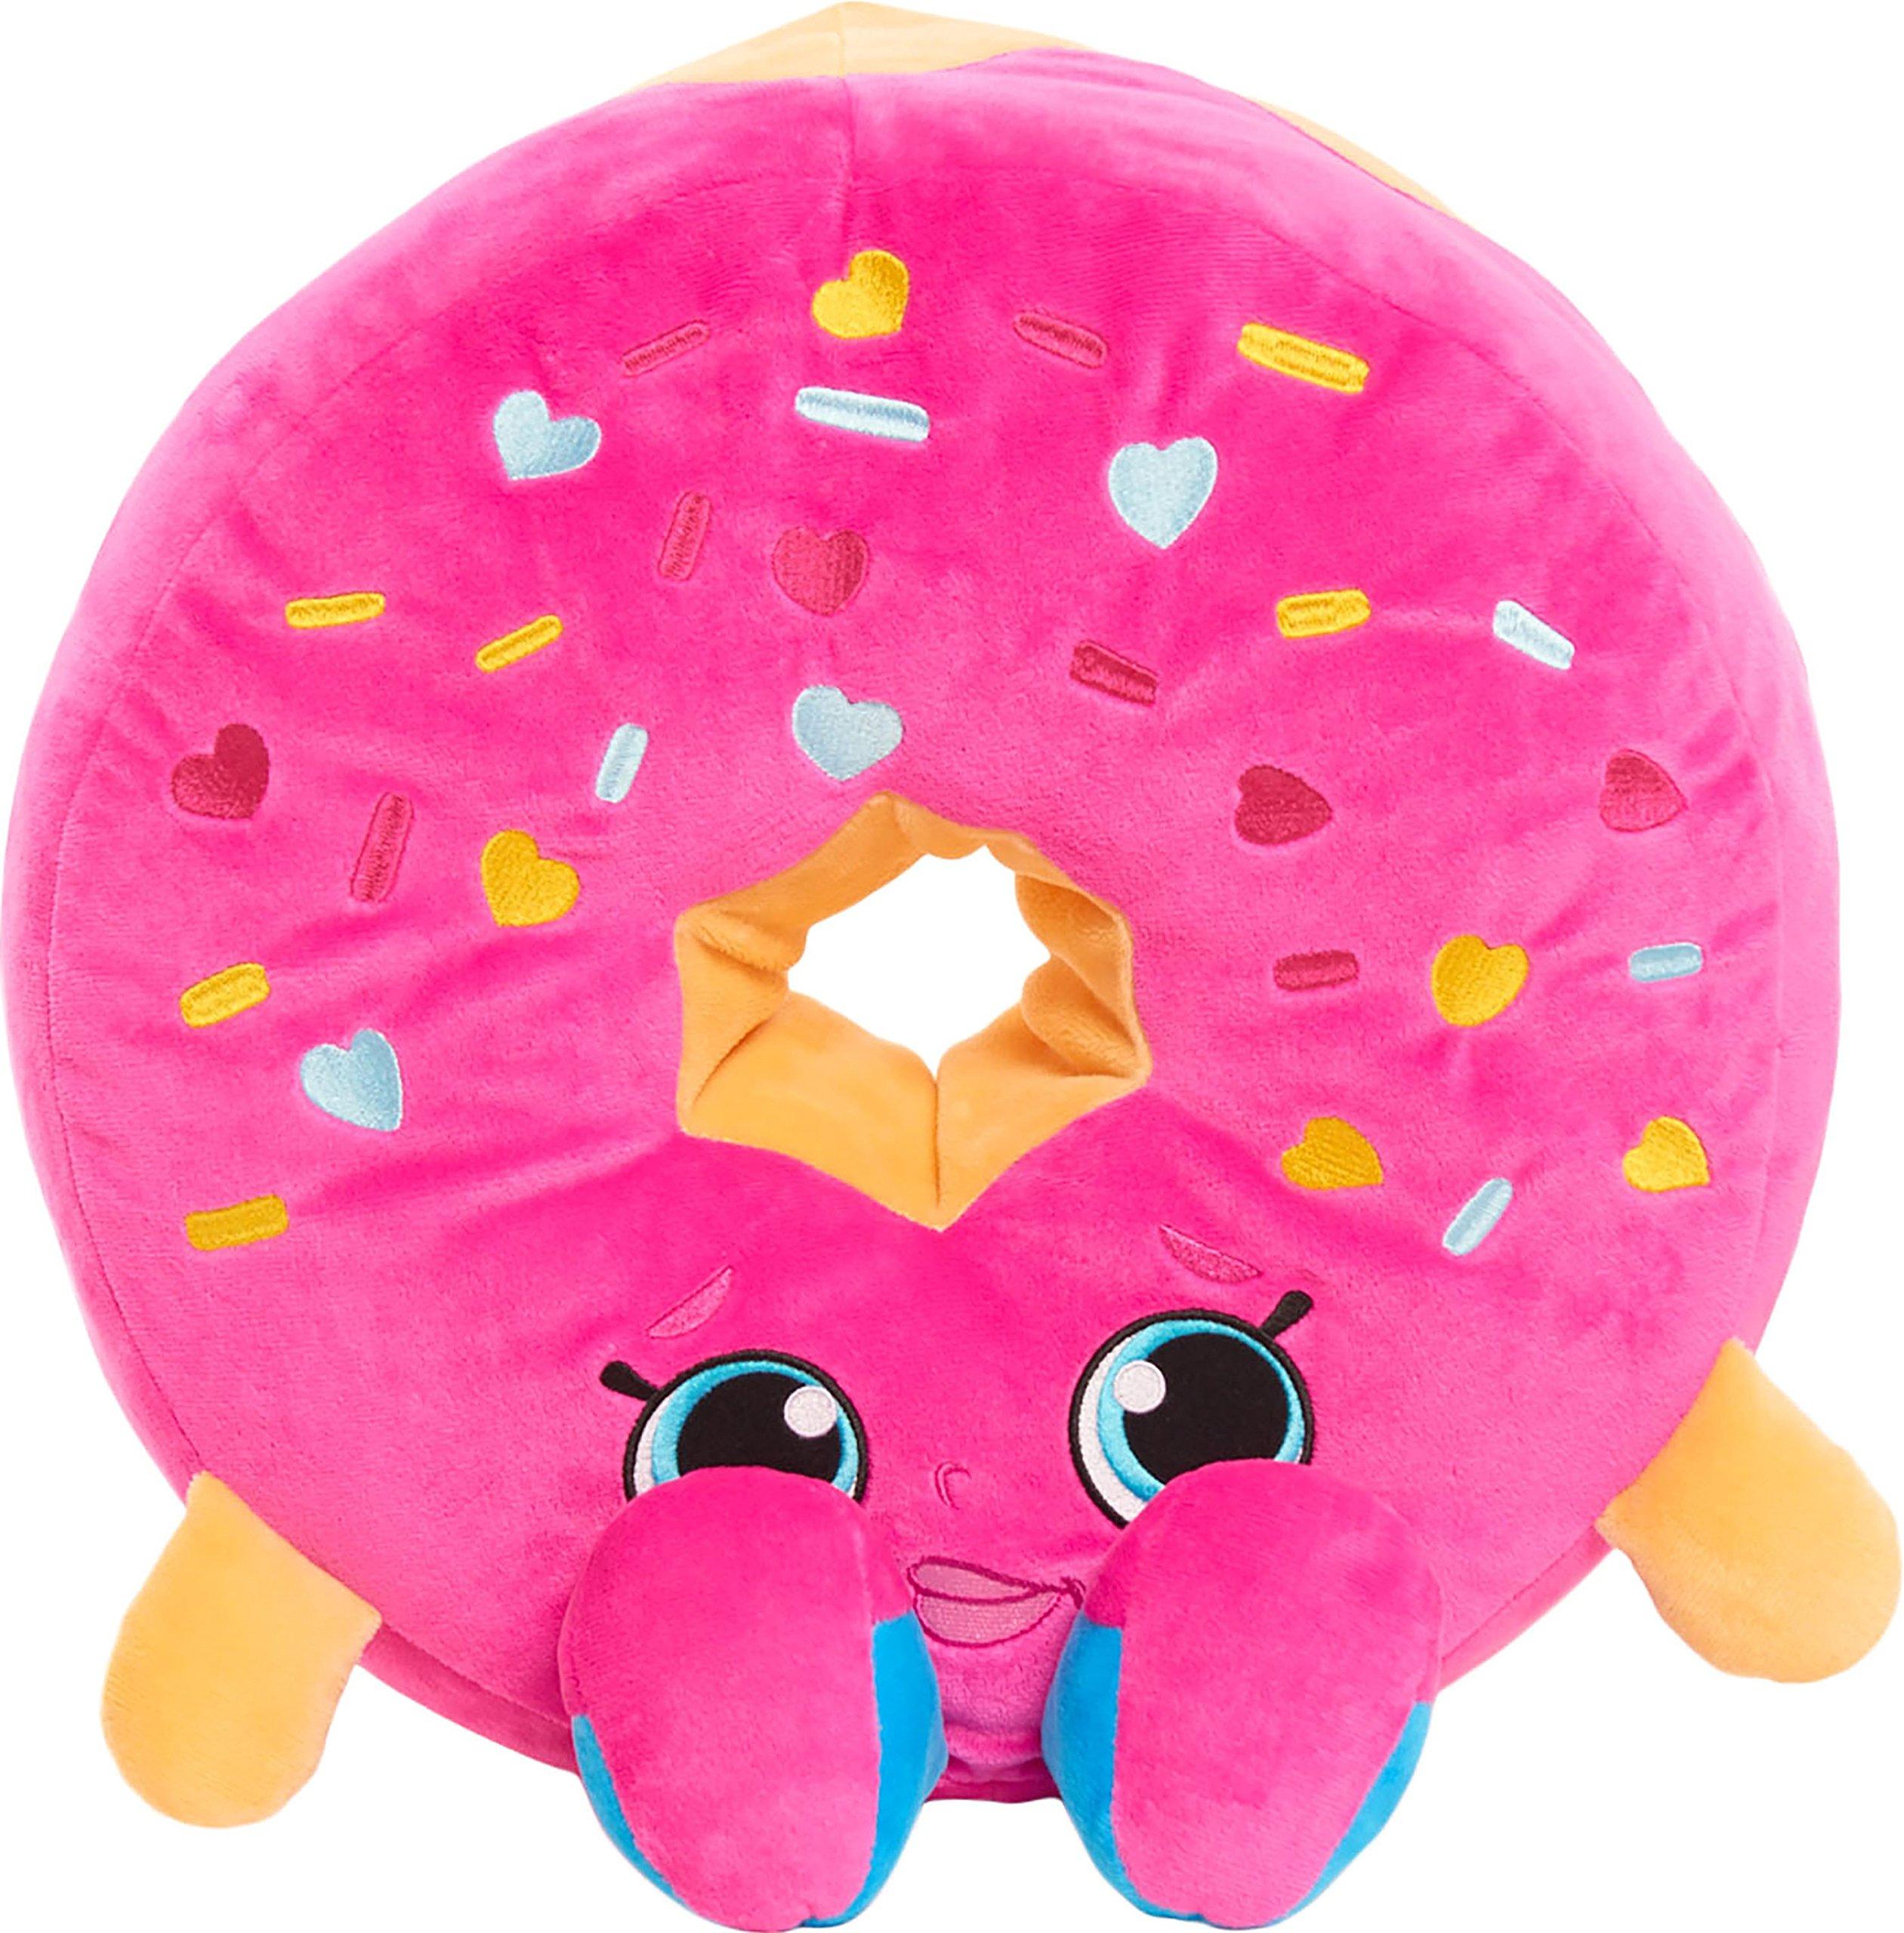 Shopkins Jumbo D'lish Donut Plush by Shopkins